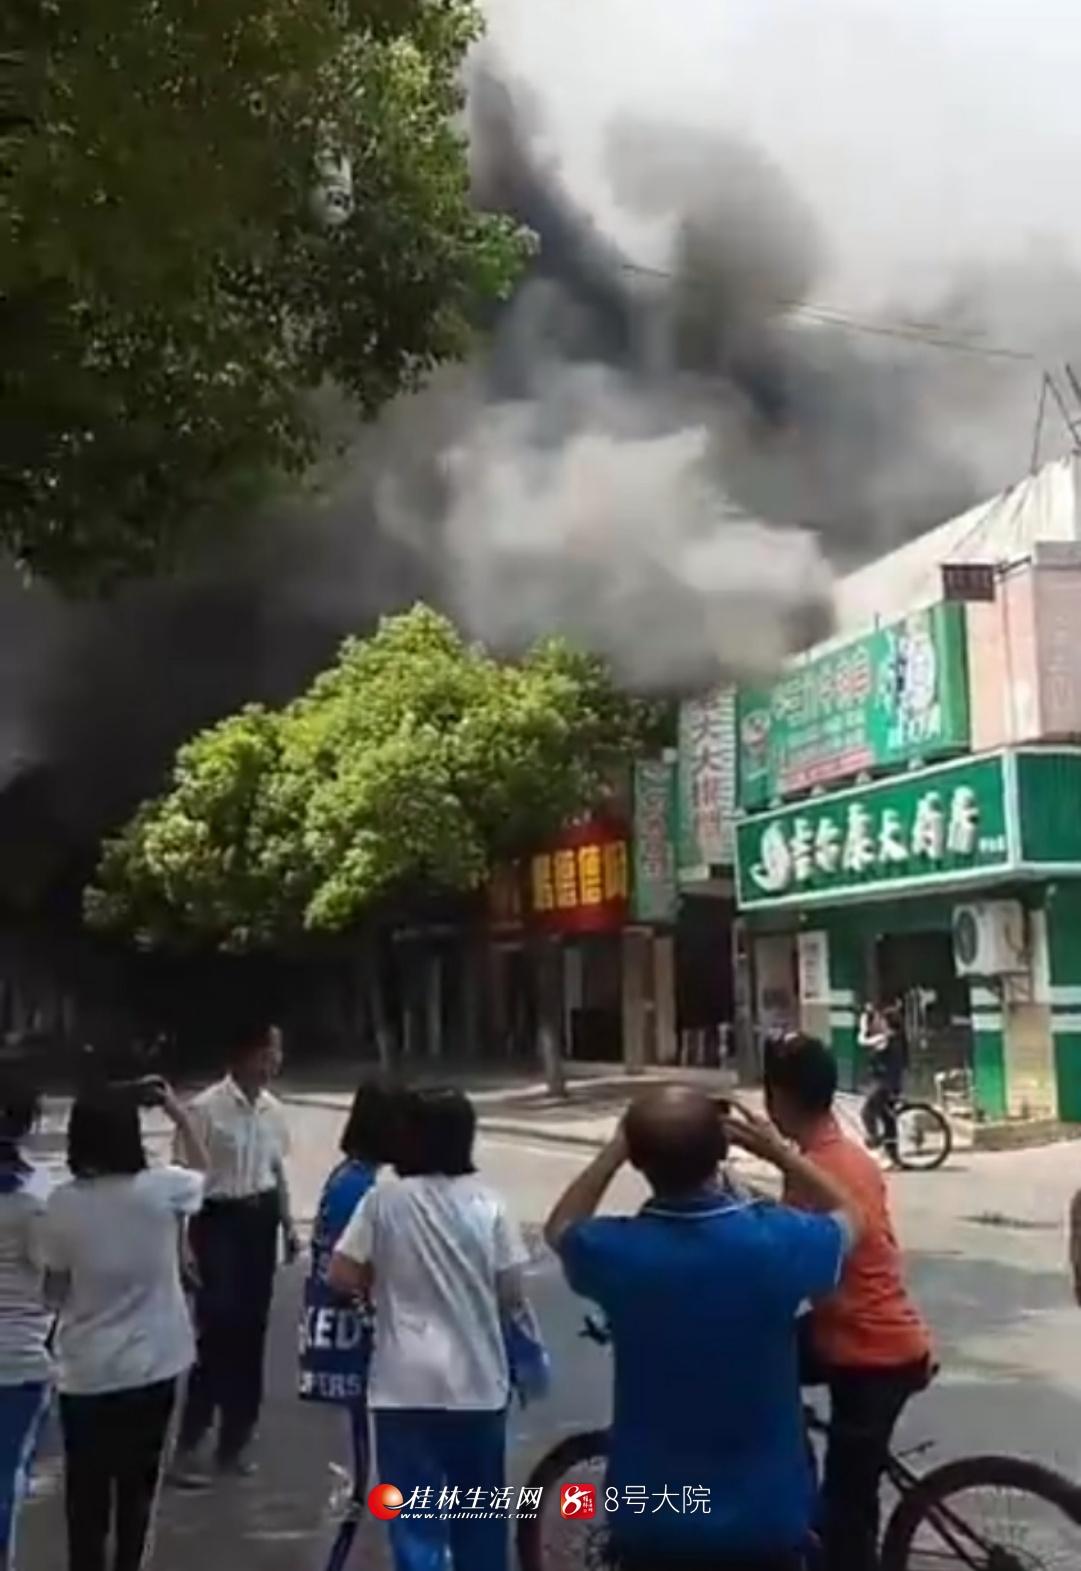 刚刚!甲山市场附近突发起火